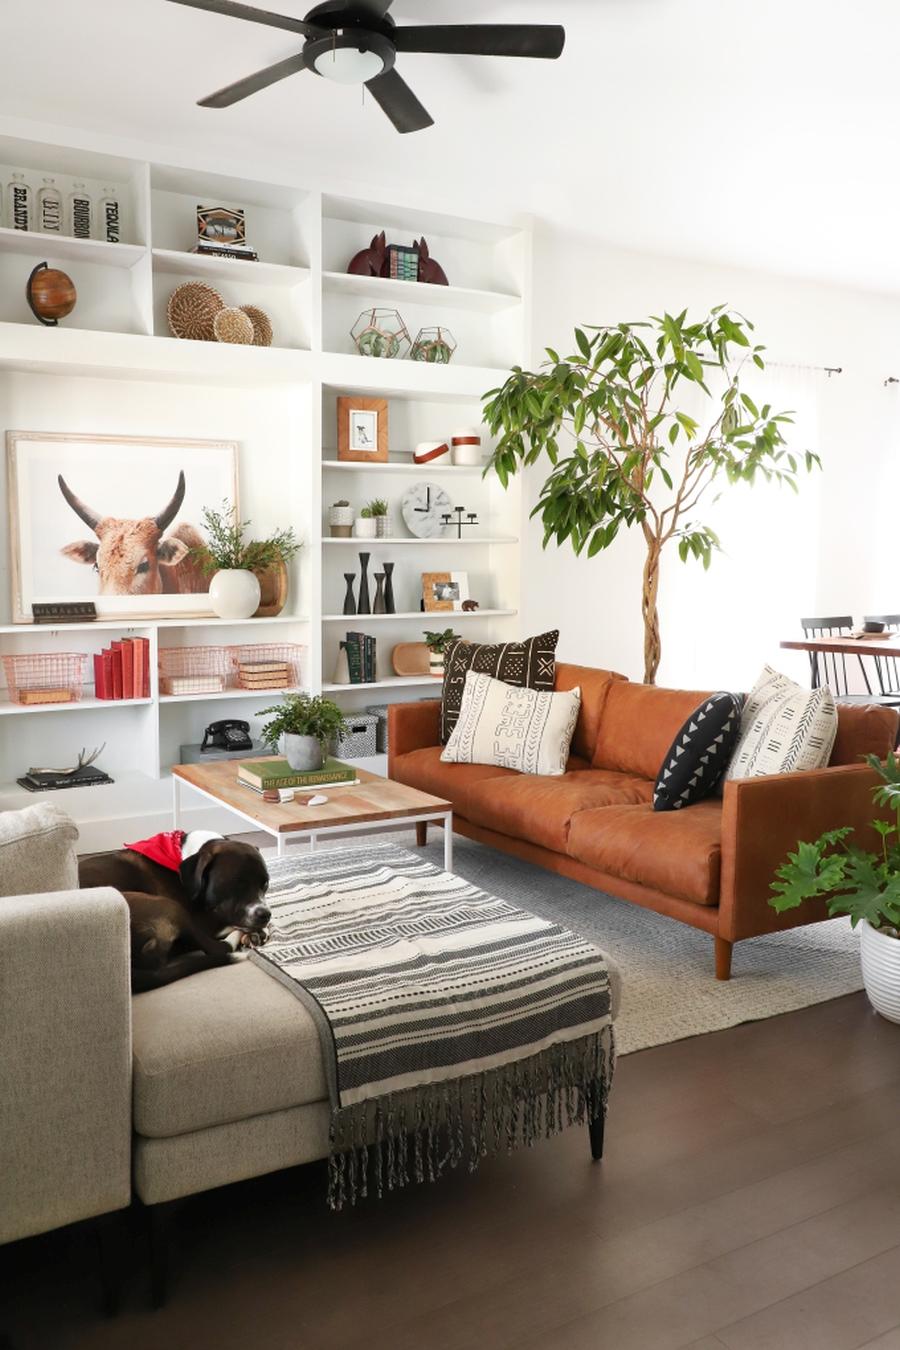 Niesamowita metamorfoza stuletniego domu, wystrój wnętrz, wnętrza, urządzanie mieszkania, dom, home decor, dekoracje, aranżacje, salon, living room